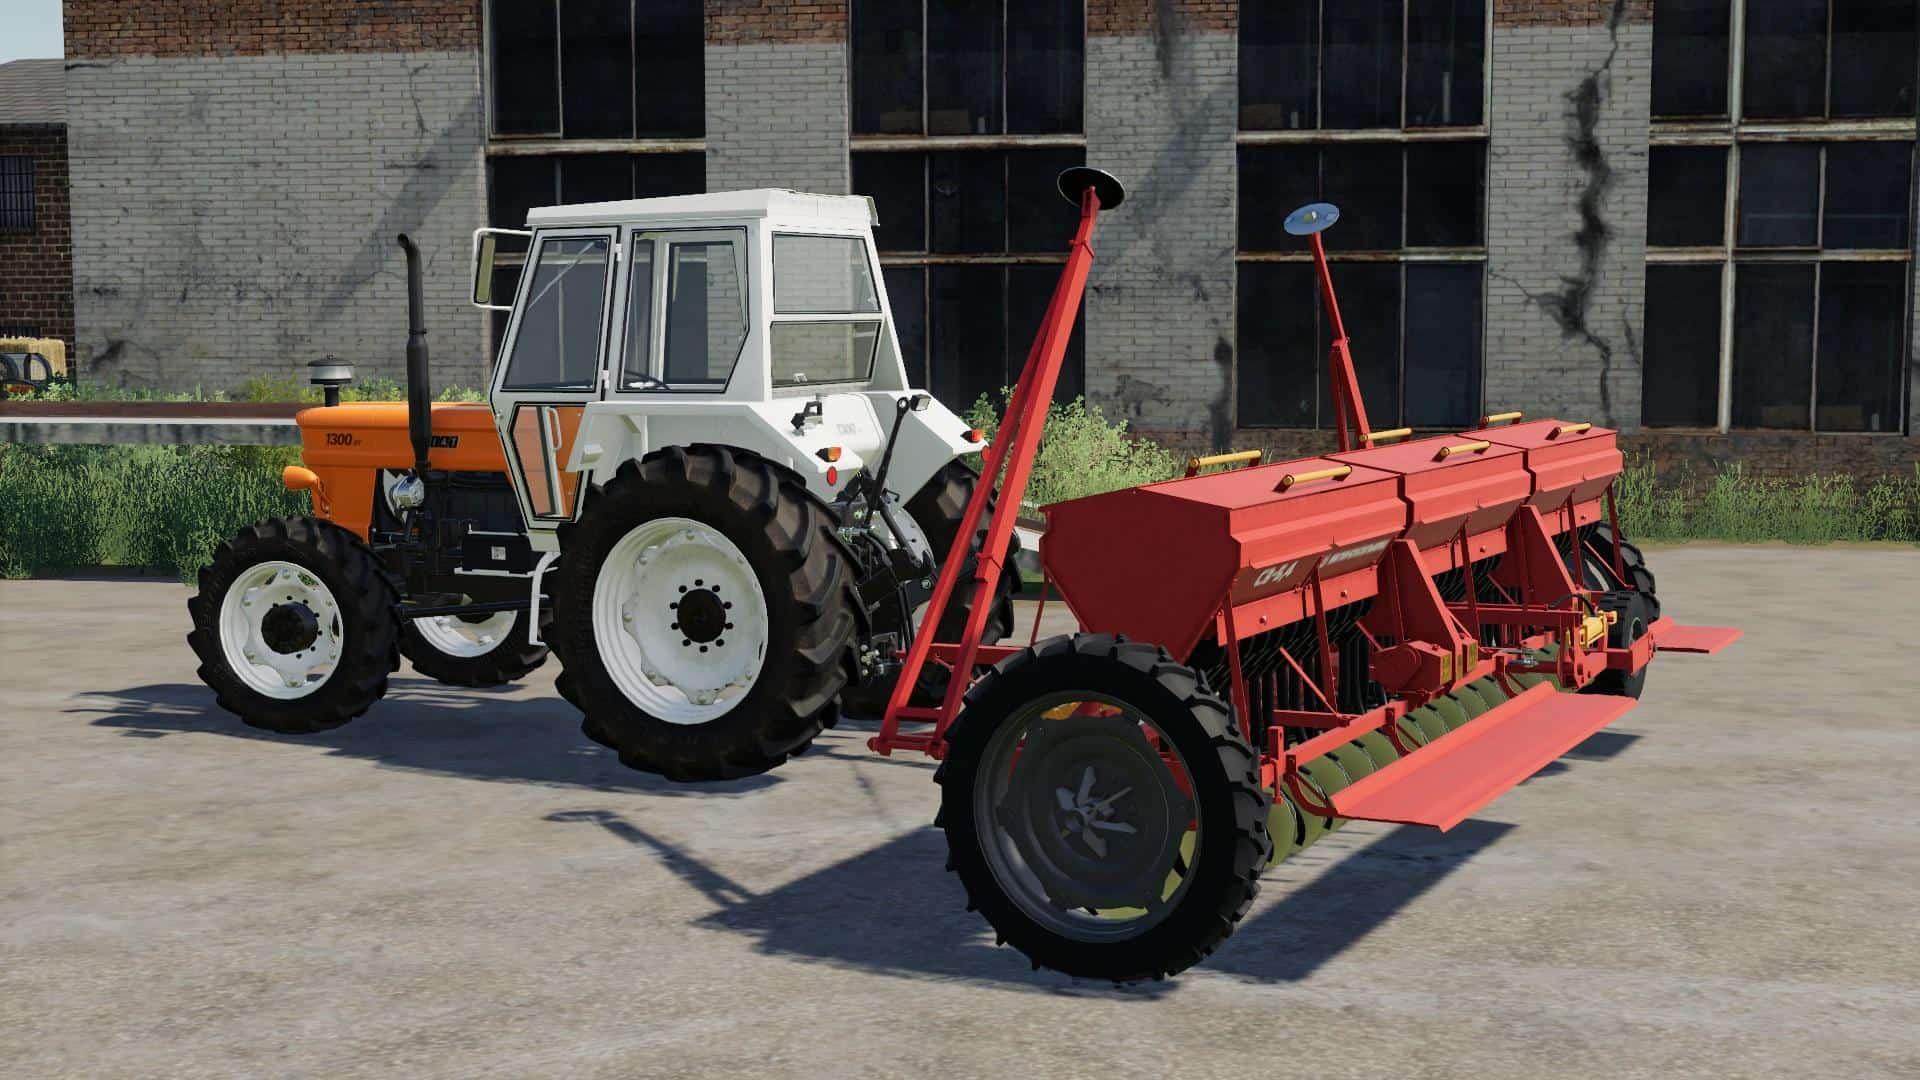 Szt 5 4 V1 3 Fs19 Farming Simulator 19 Implements Tools Mod